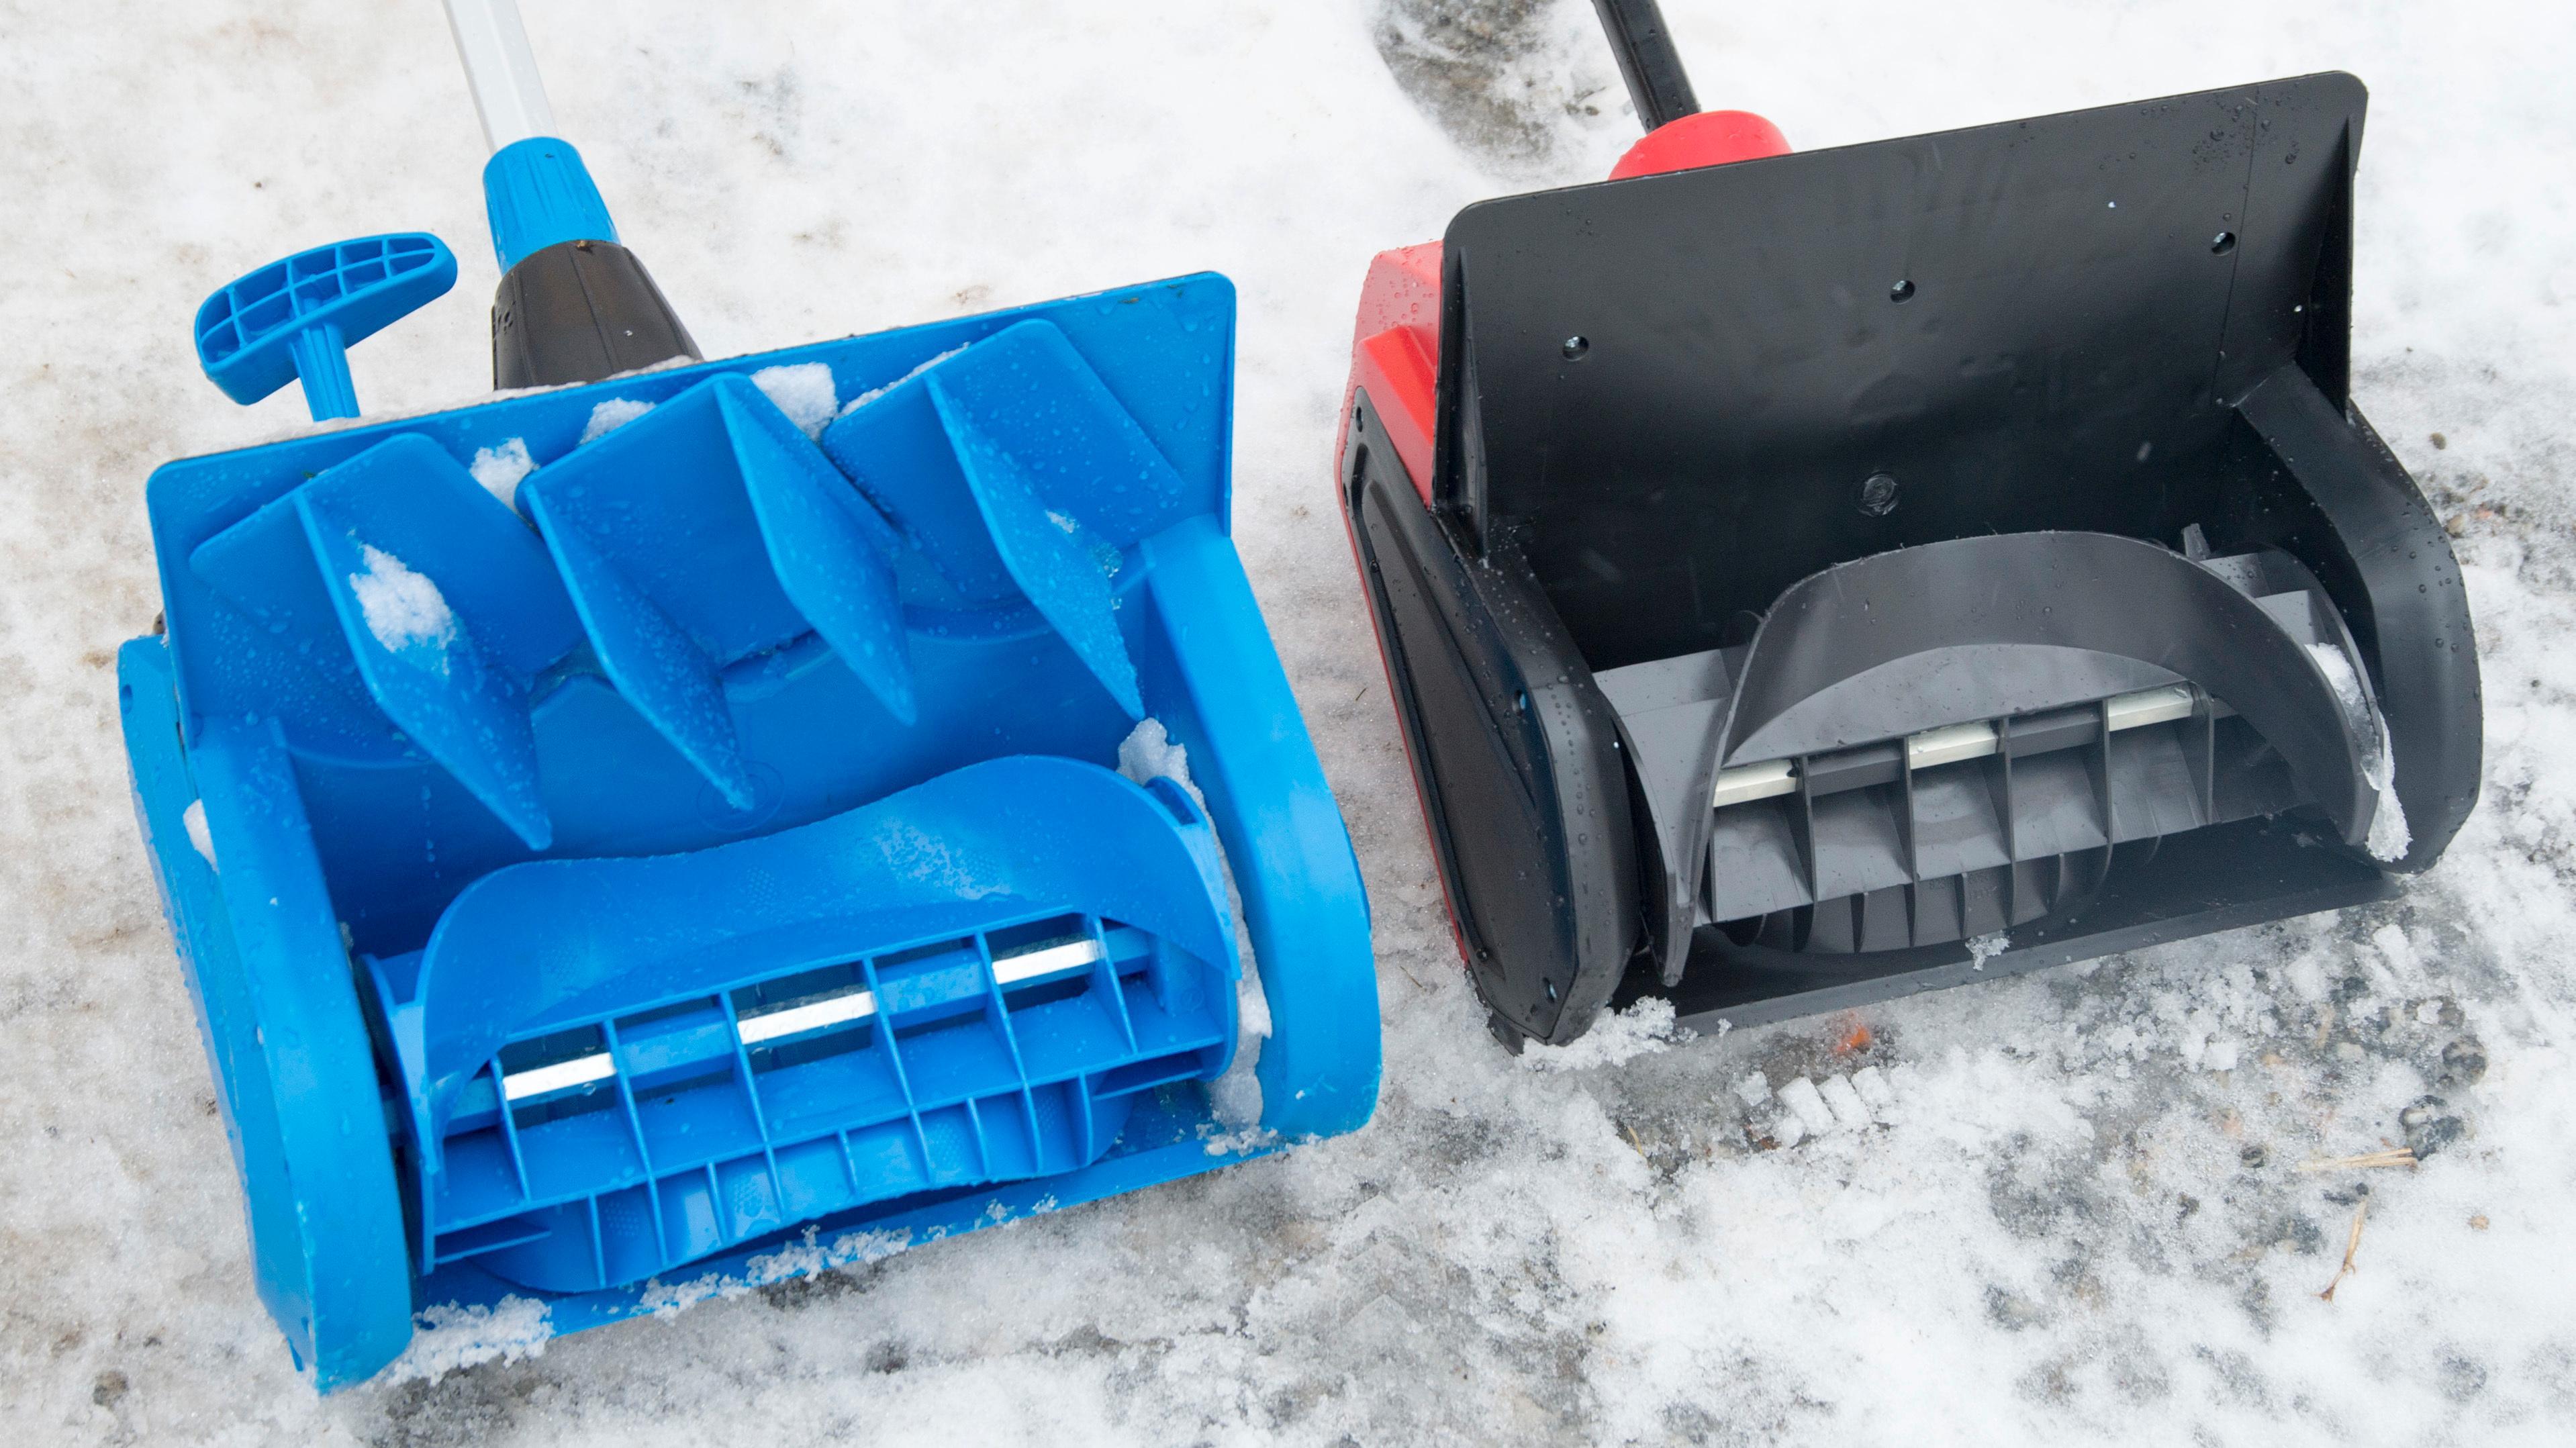 Begge modellene har en skovel av plast. Men ingen gikk i stykker under testingen.